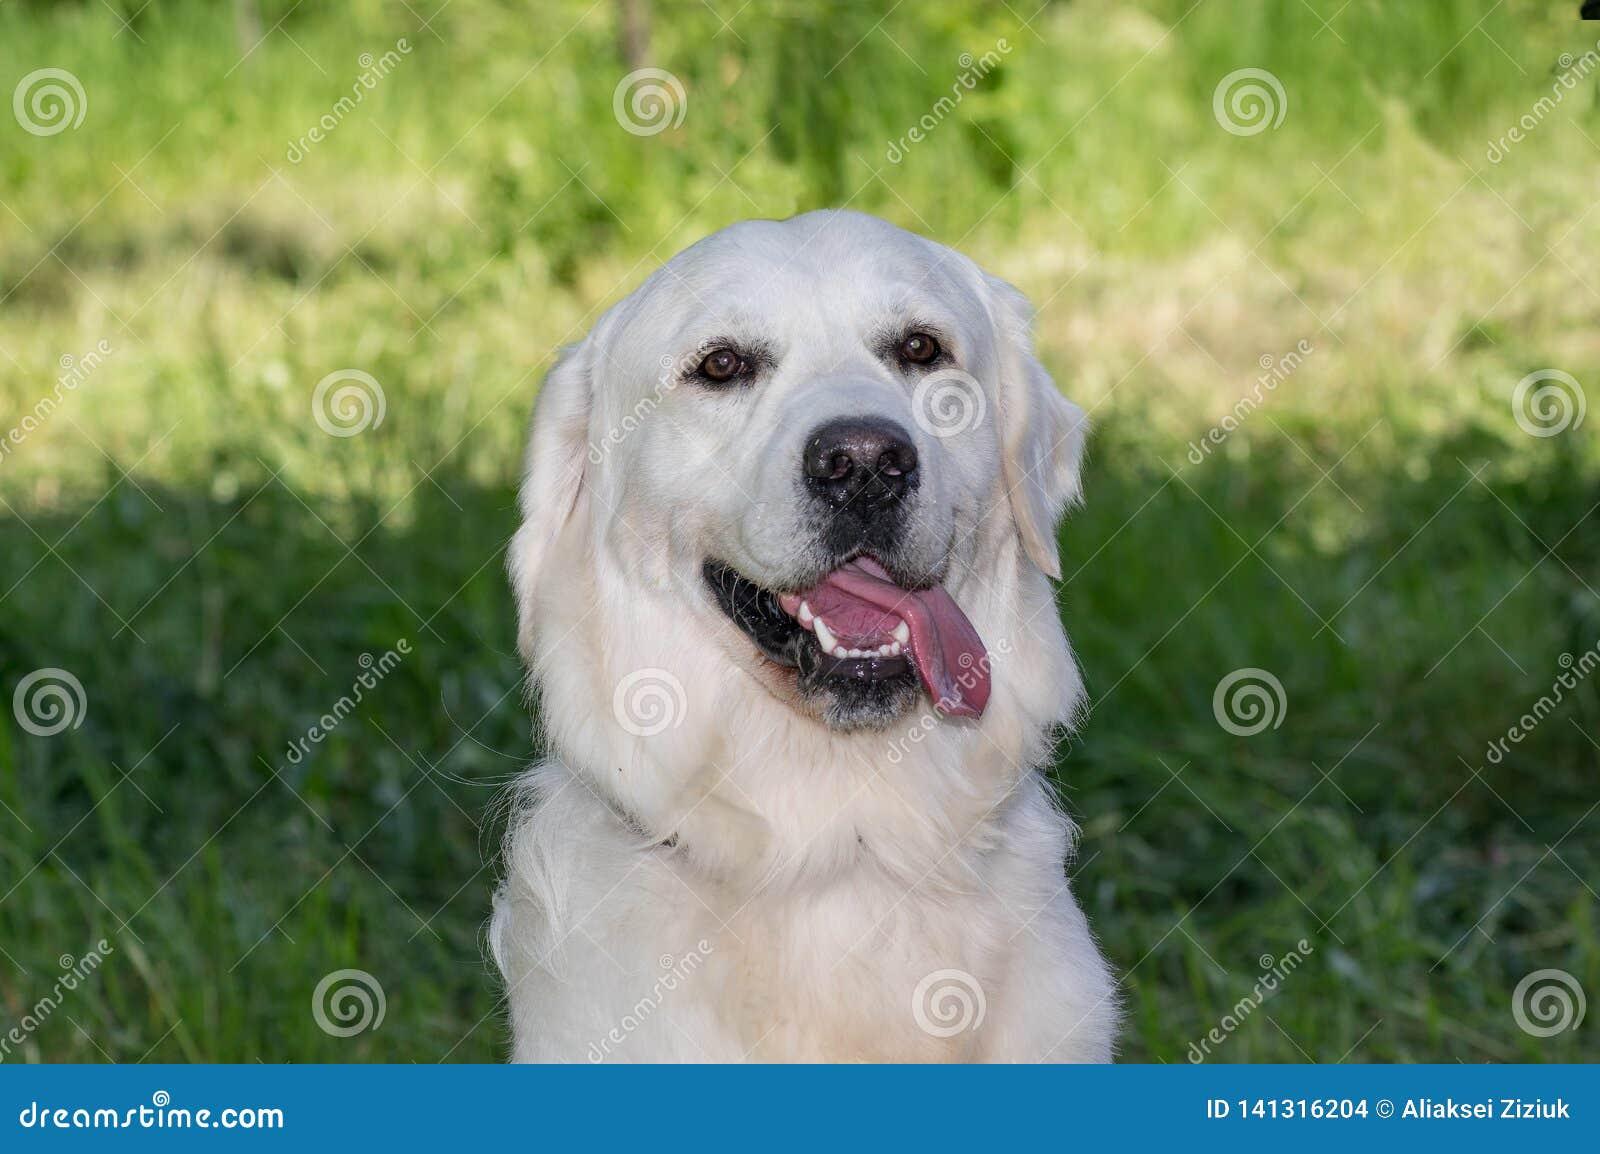 拉布拉多猎犬白色狗,画象,坐草背景